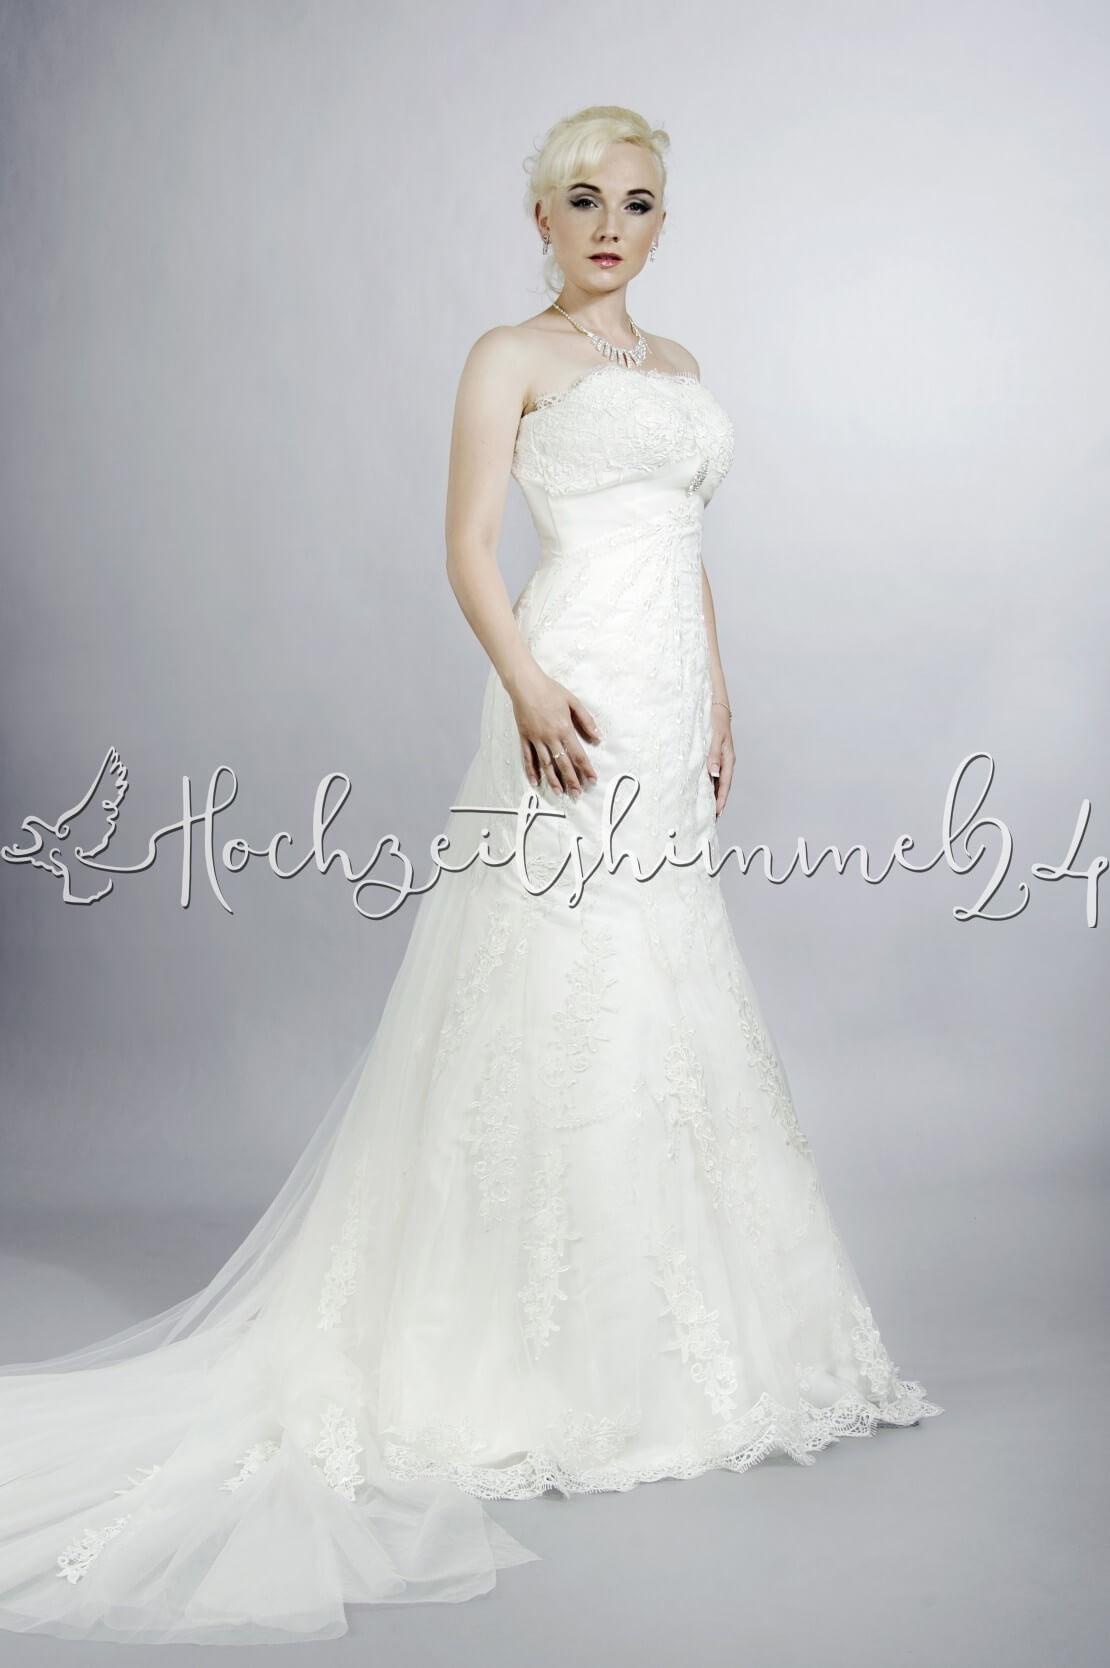 15 Perfekt Brautkleid Mit Schleppe SpezialgebietAbend Wunderbar Brautkleid Mit Schleppe Galerie